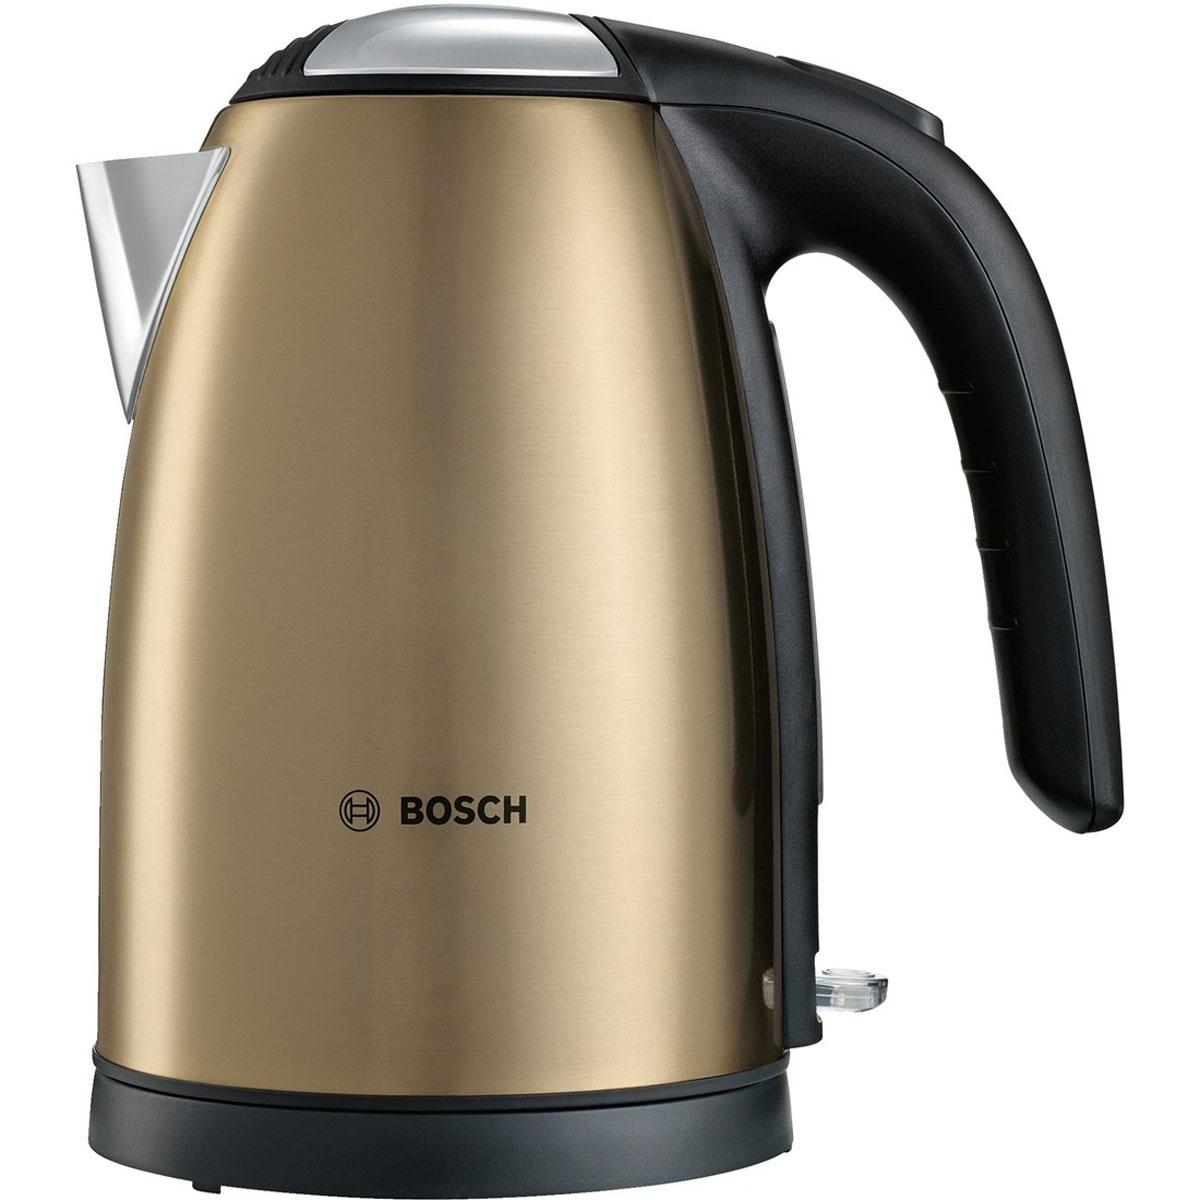 Bosch TWK 7808, Gold чайникTWK7808Bosch TWK 7808 - компактный и надежный электрический чайник со скрытым нагревательным элементом из нержавеющей стали. Прибор оснащен съемным фильтром от накипи, что позволяет существенно продлить срок его использования. Цоколь с поворотом на 360° имеет центральный контакт. Также удобство в использовании обеспечивают функция автовыключения и защита от перегрева.